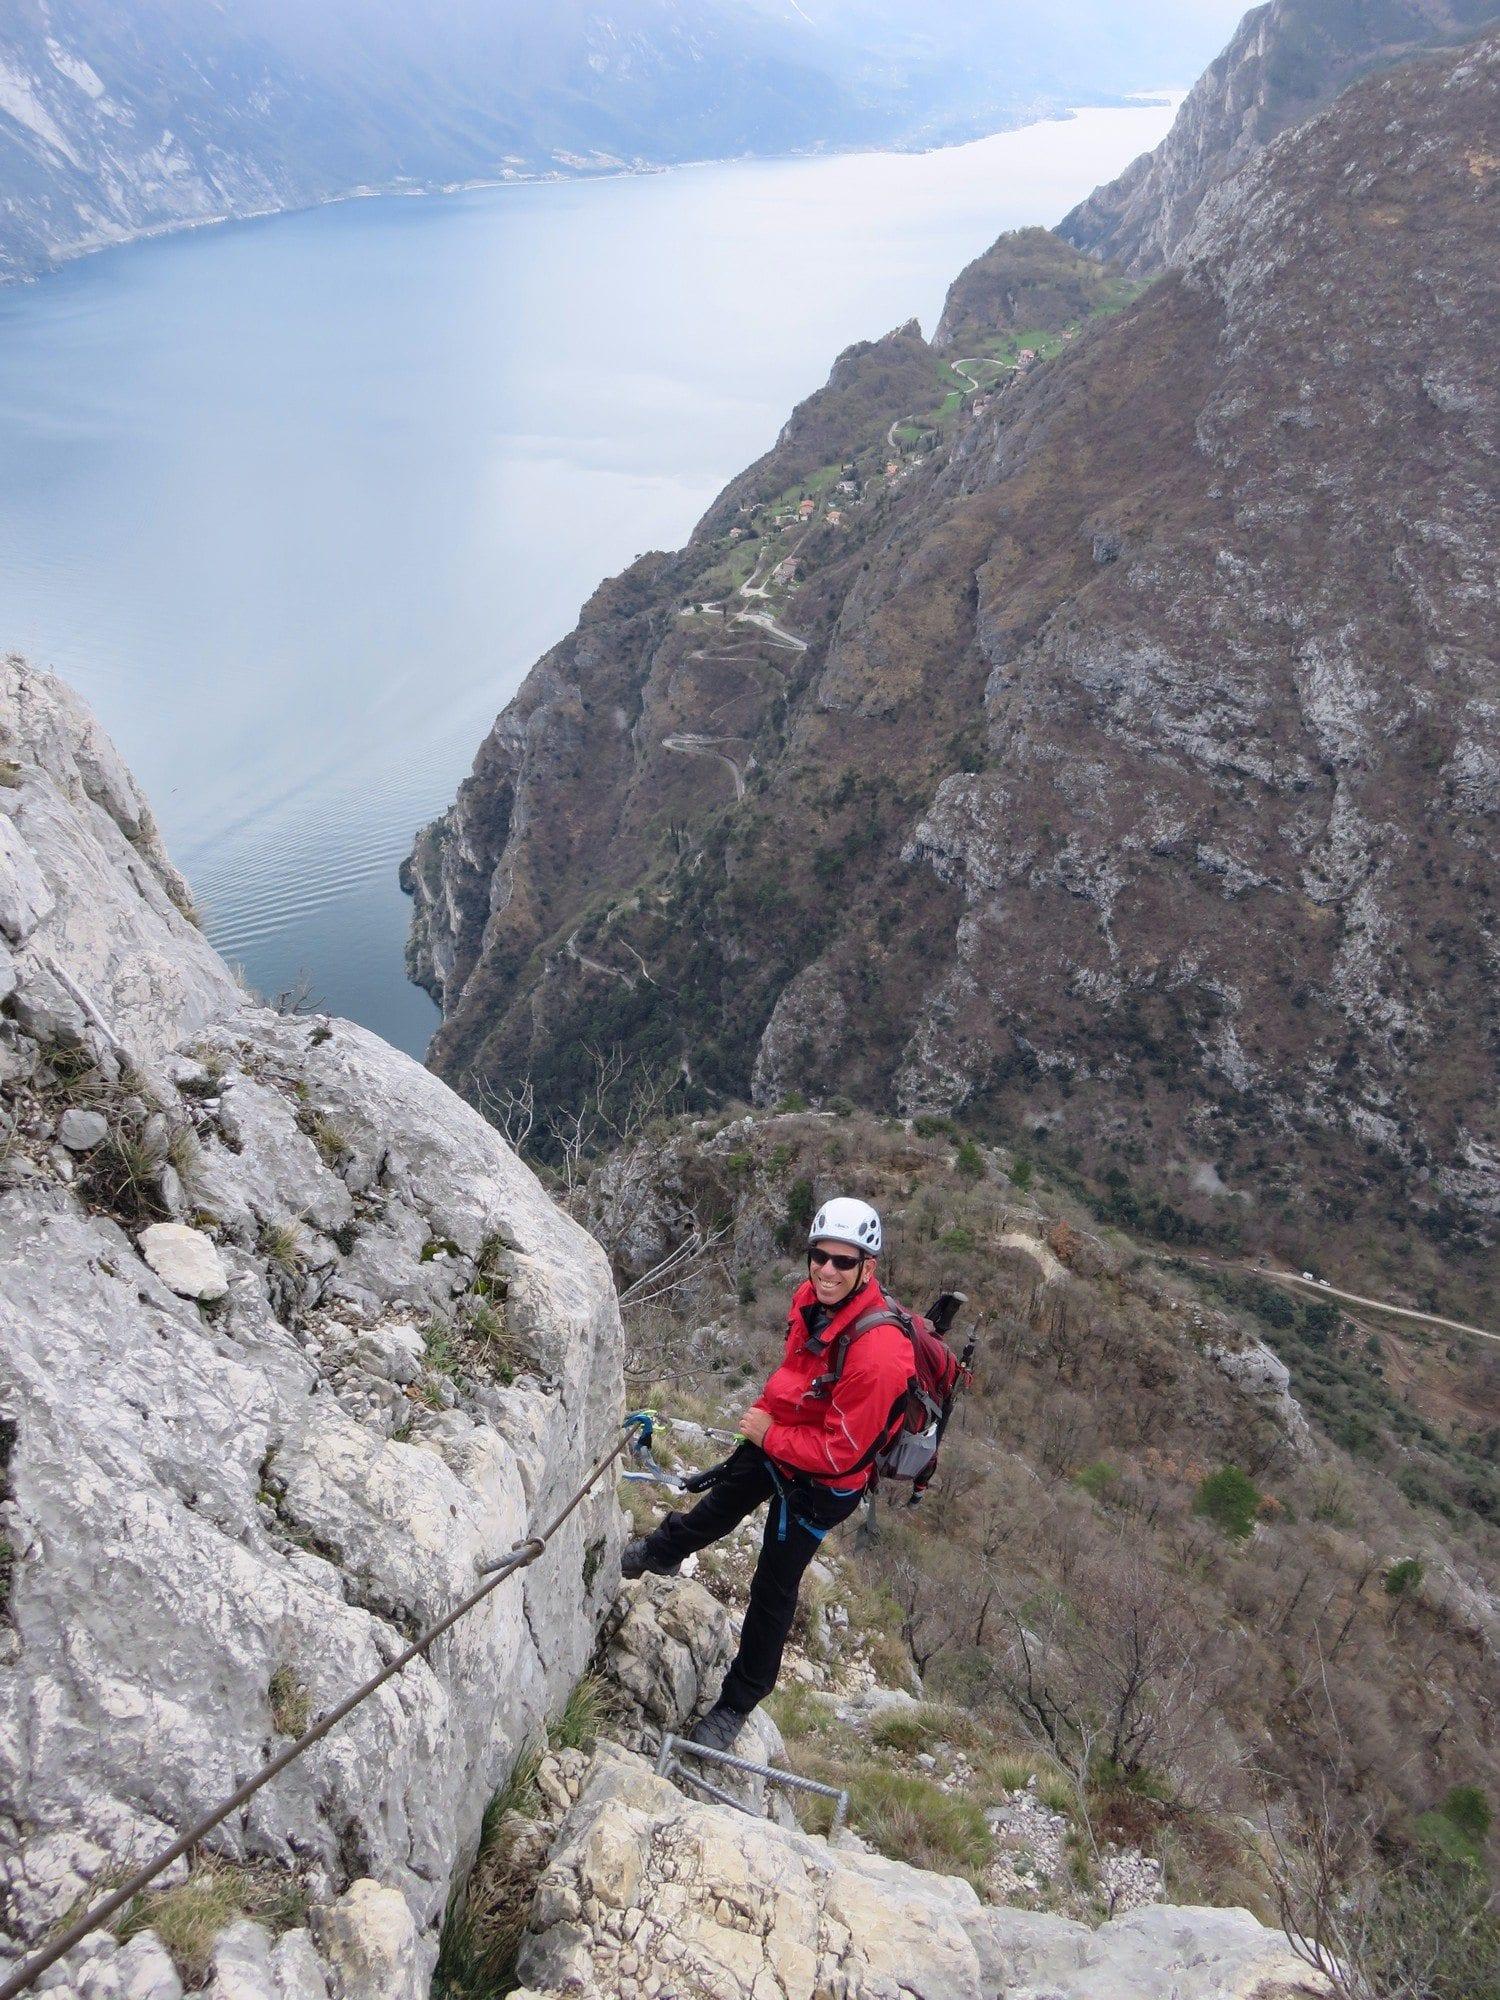 ויה פראטה דולומיטים, אגם גארדה, איטליה, טיול אתגר, ערוצים בטבע